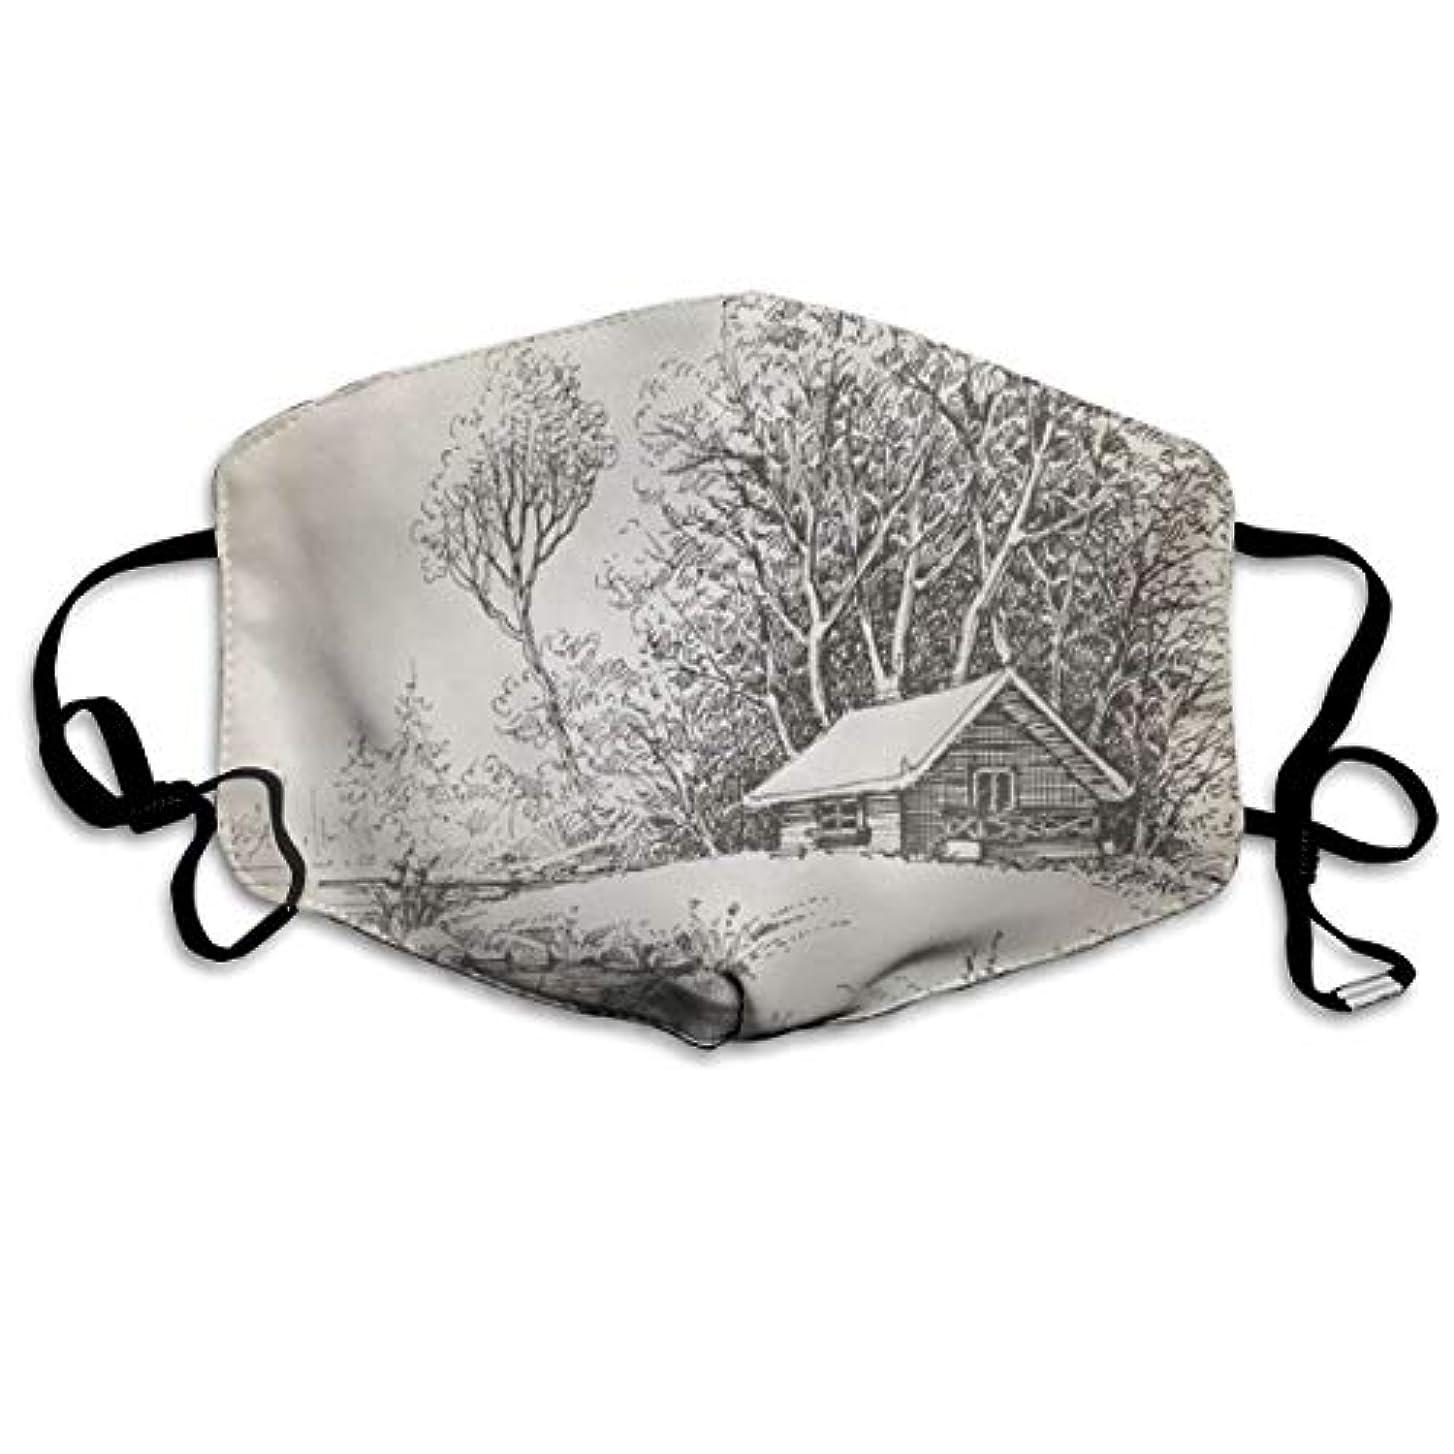 憂慮すべき先のことを考える相談ウッズの近くの川の銀行のハンドドローイング再利用可能な綿の口のマスクのキャビン、レディースメンズキッズのためのファッションアンチダストフェイスマスク